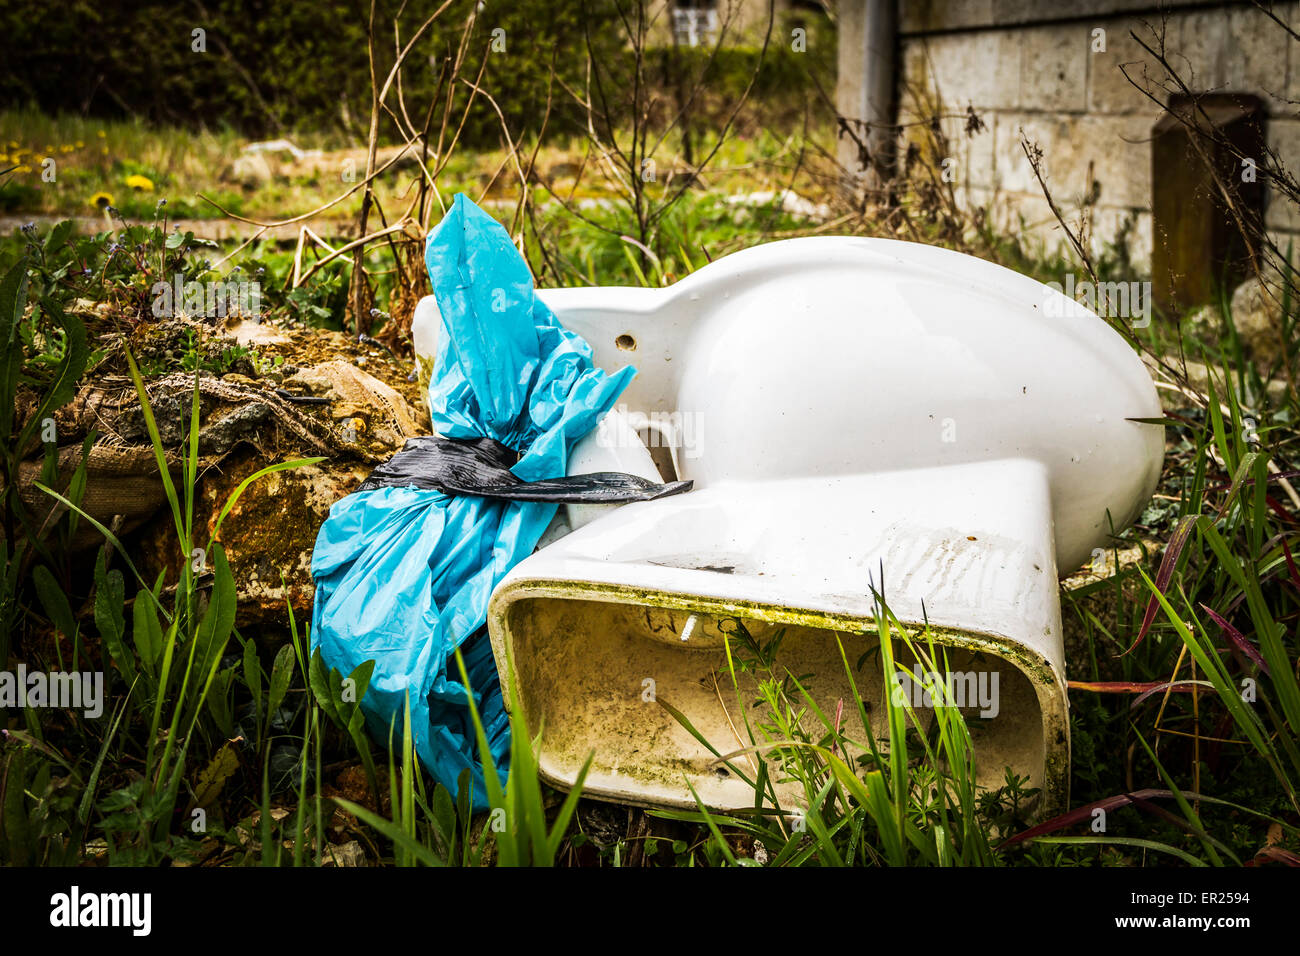 Armario de agua abandonadas Imagen De Stock